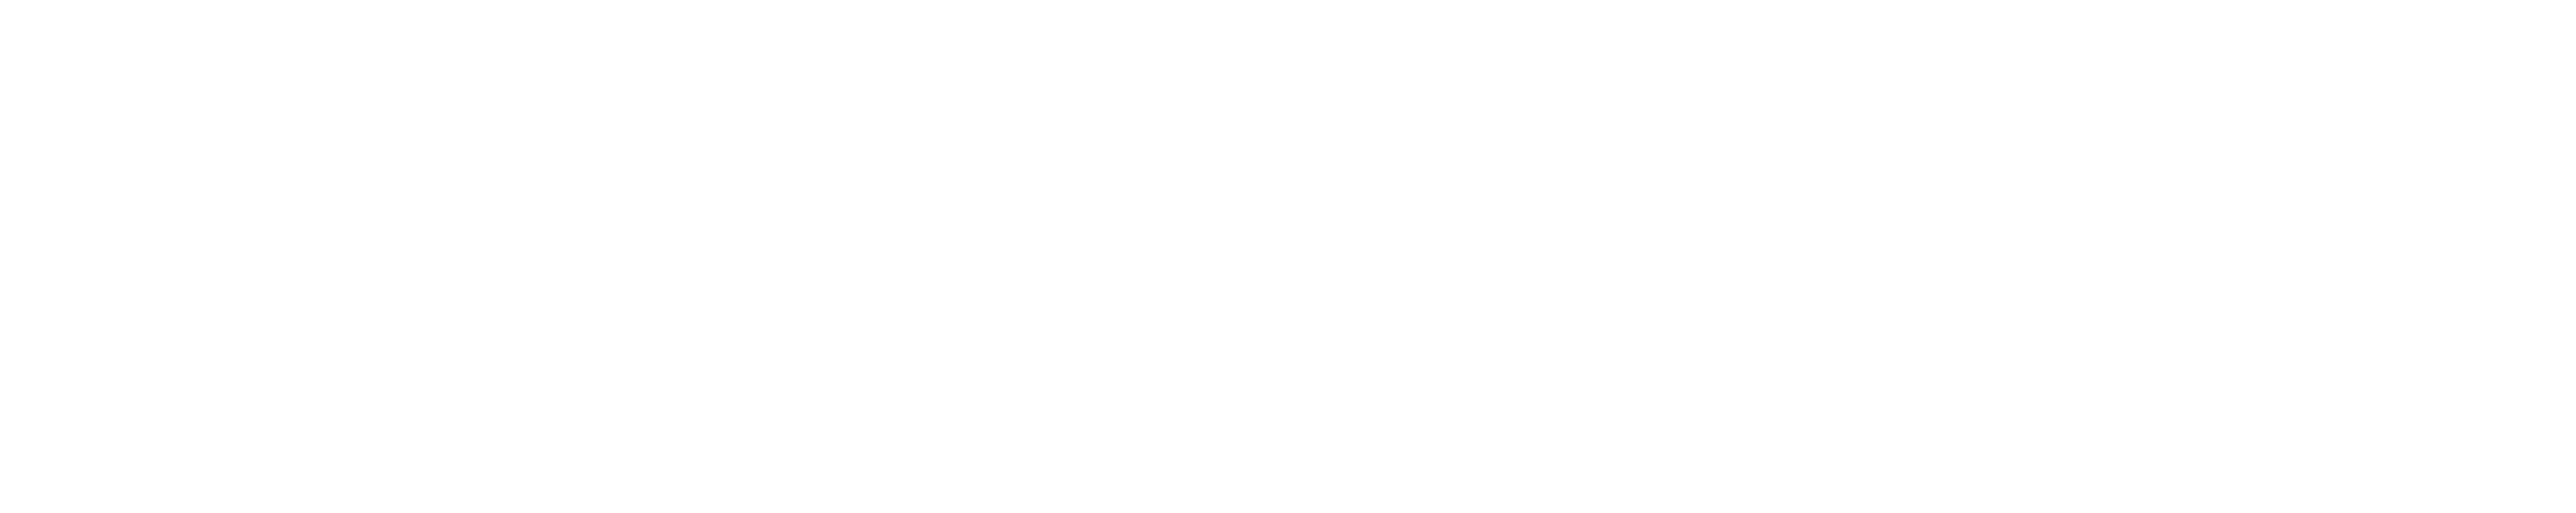 alphabeticusFull